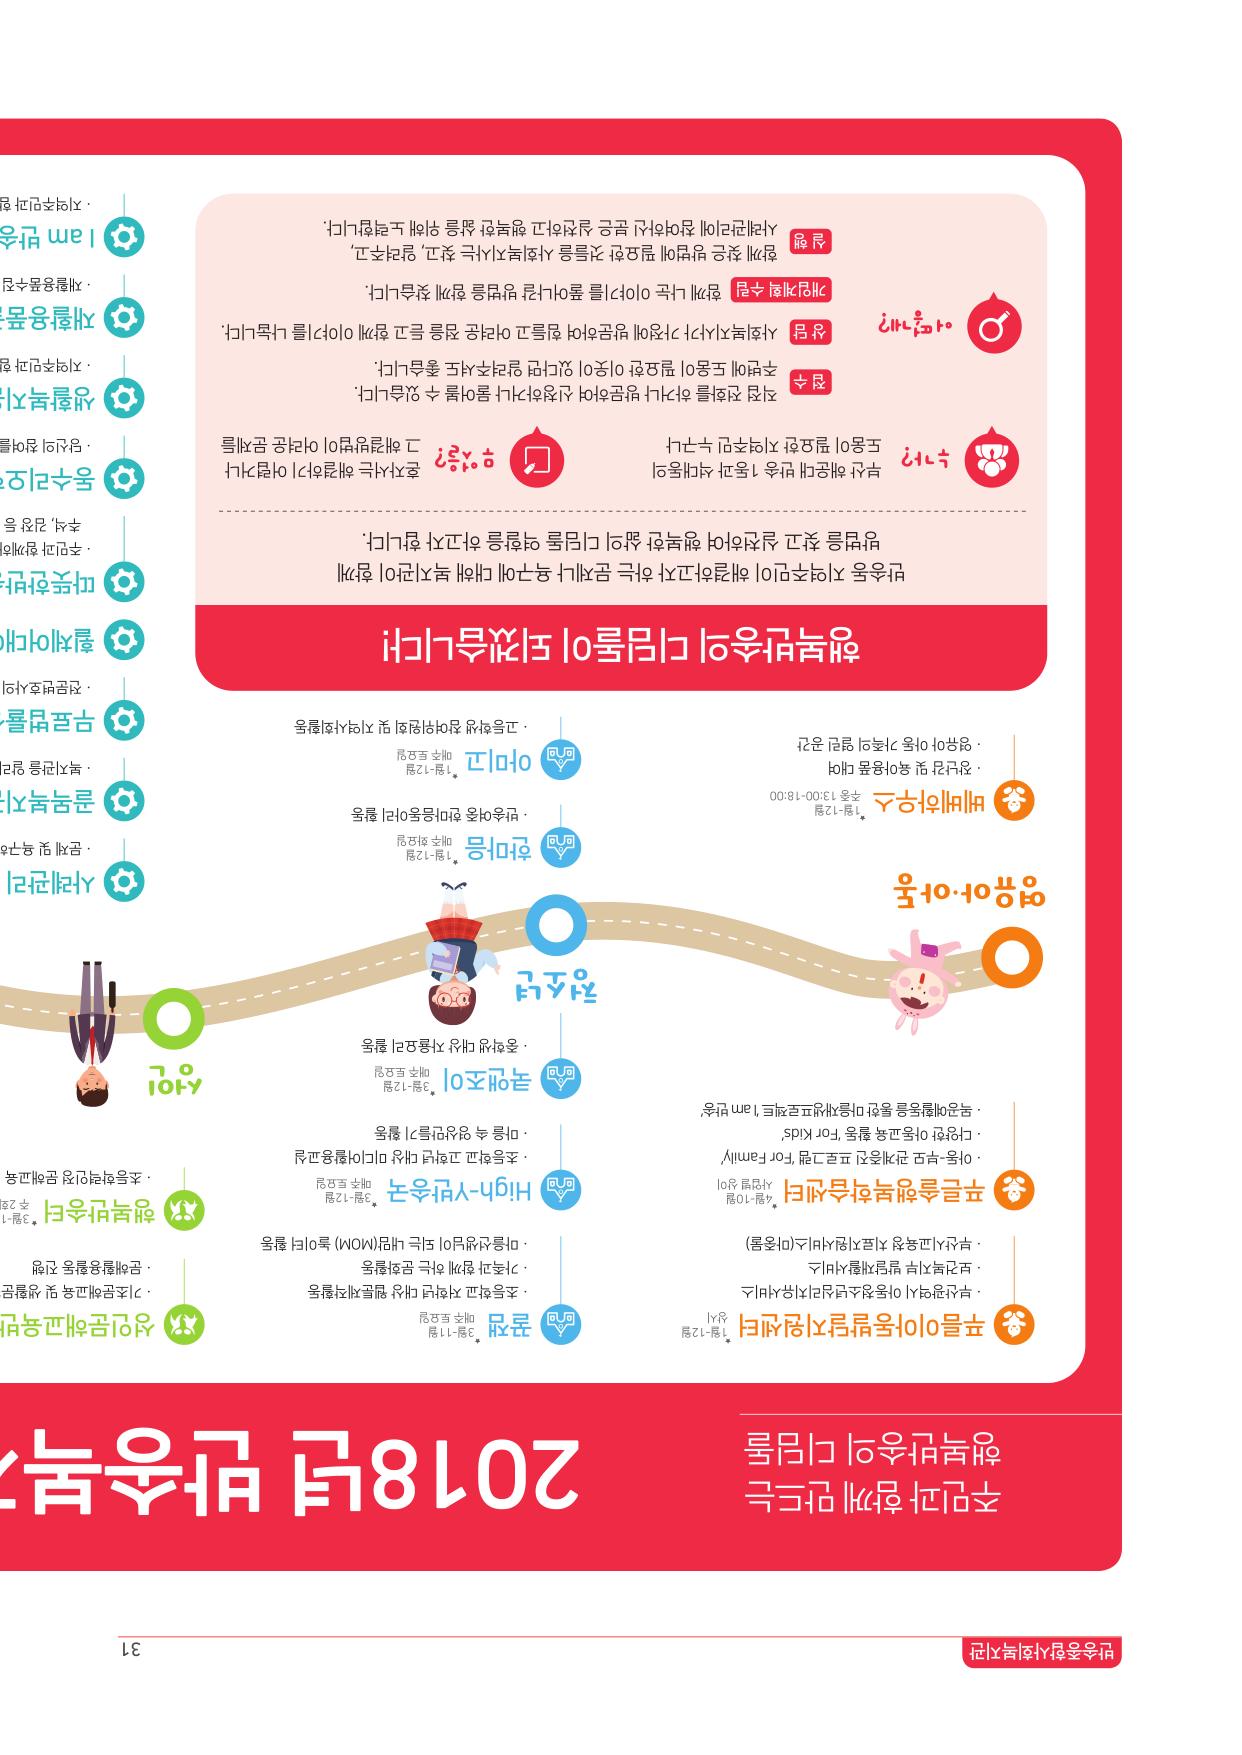 반송종합사회복지관연간소식지(2017)-31.jpg